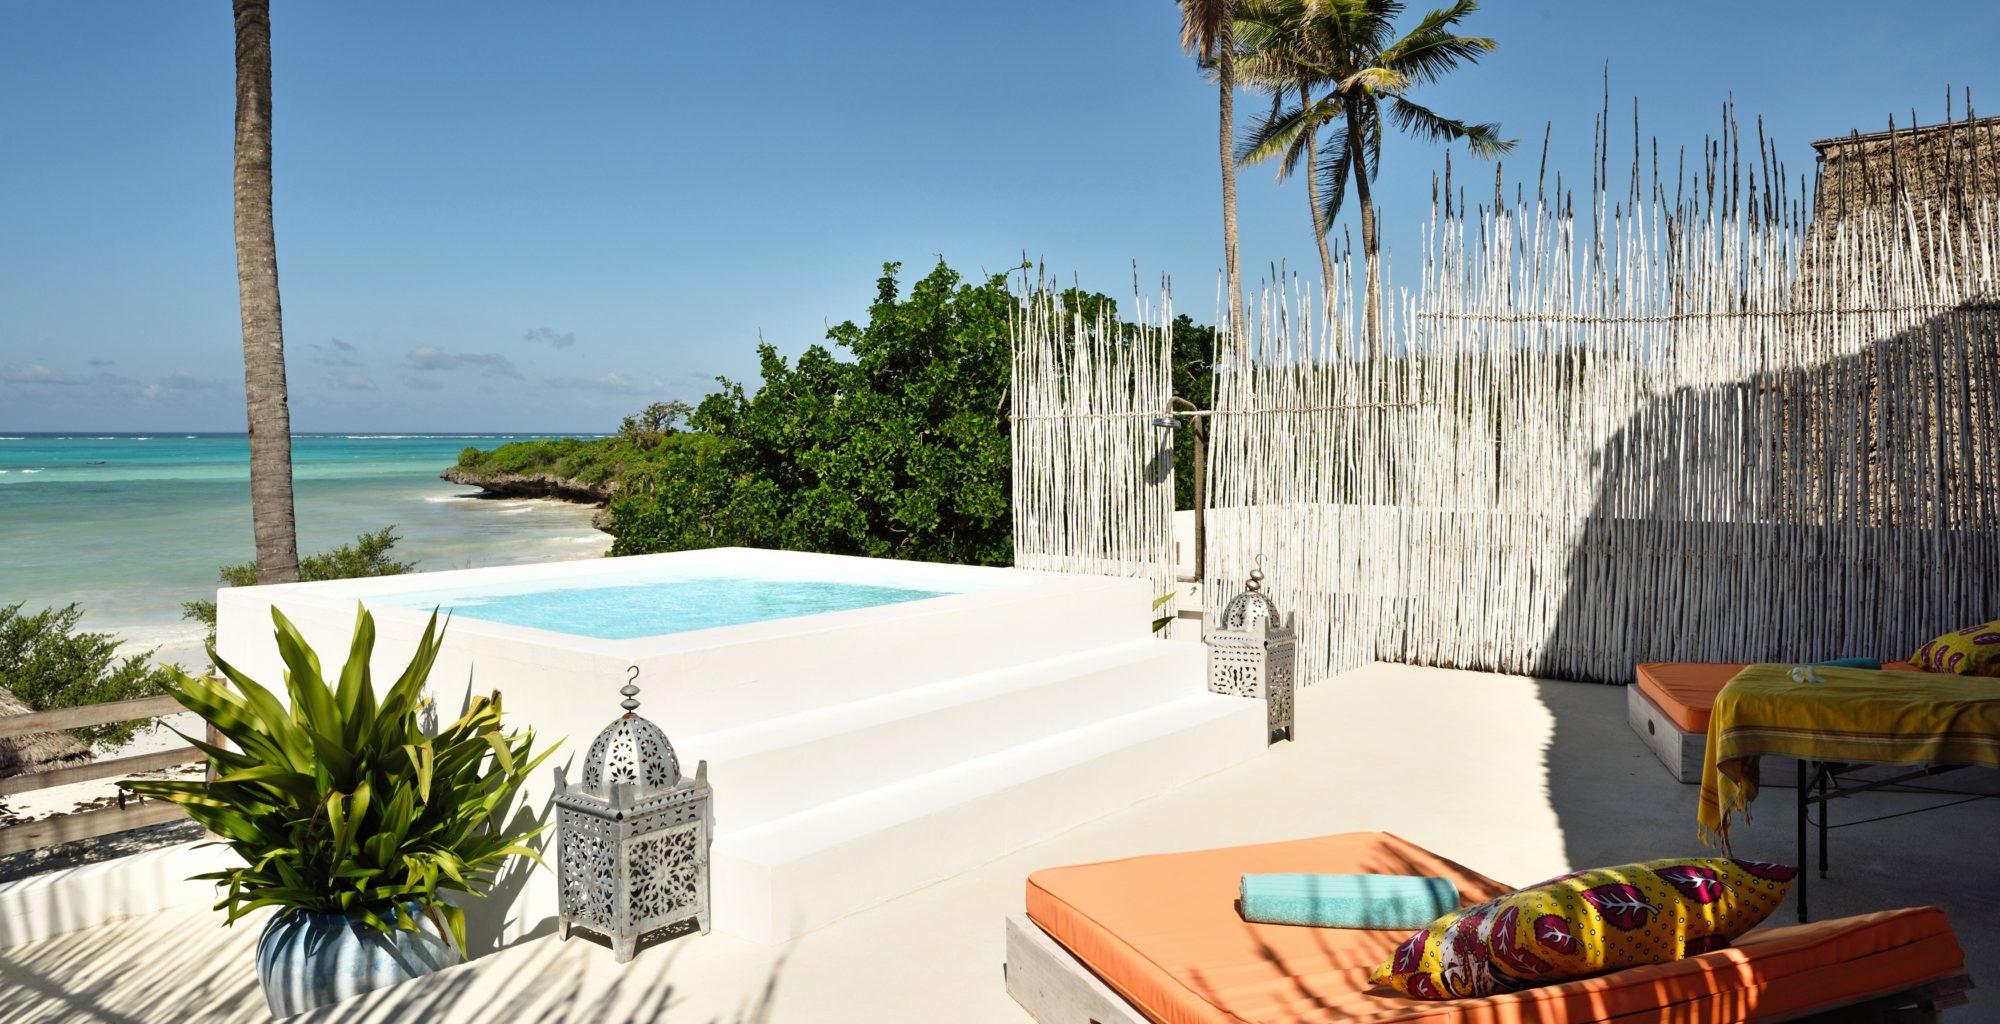 Tanzania-Upendo-Villas-Pool